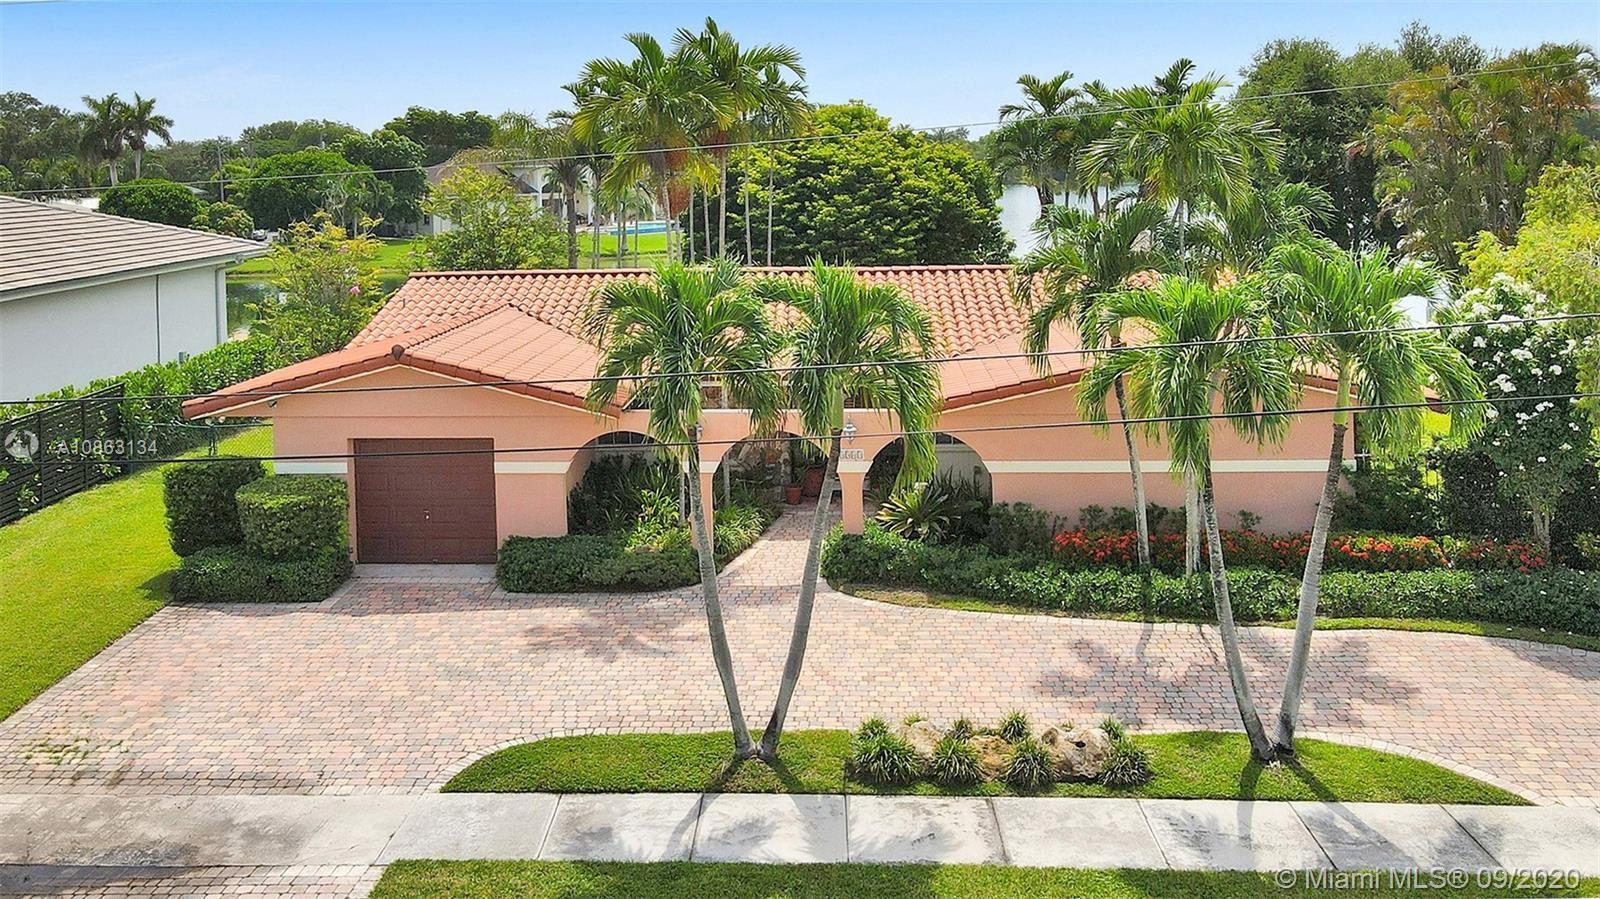 8541 SW 93rd Ct, Miami, FL 33173 - #: A10863134